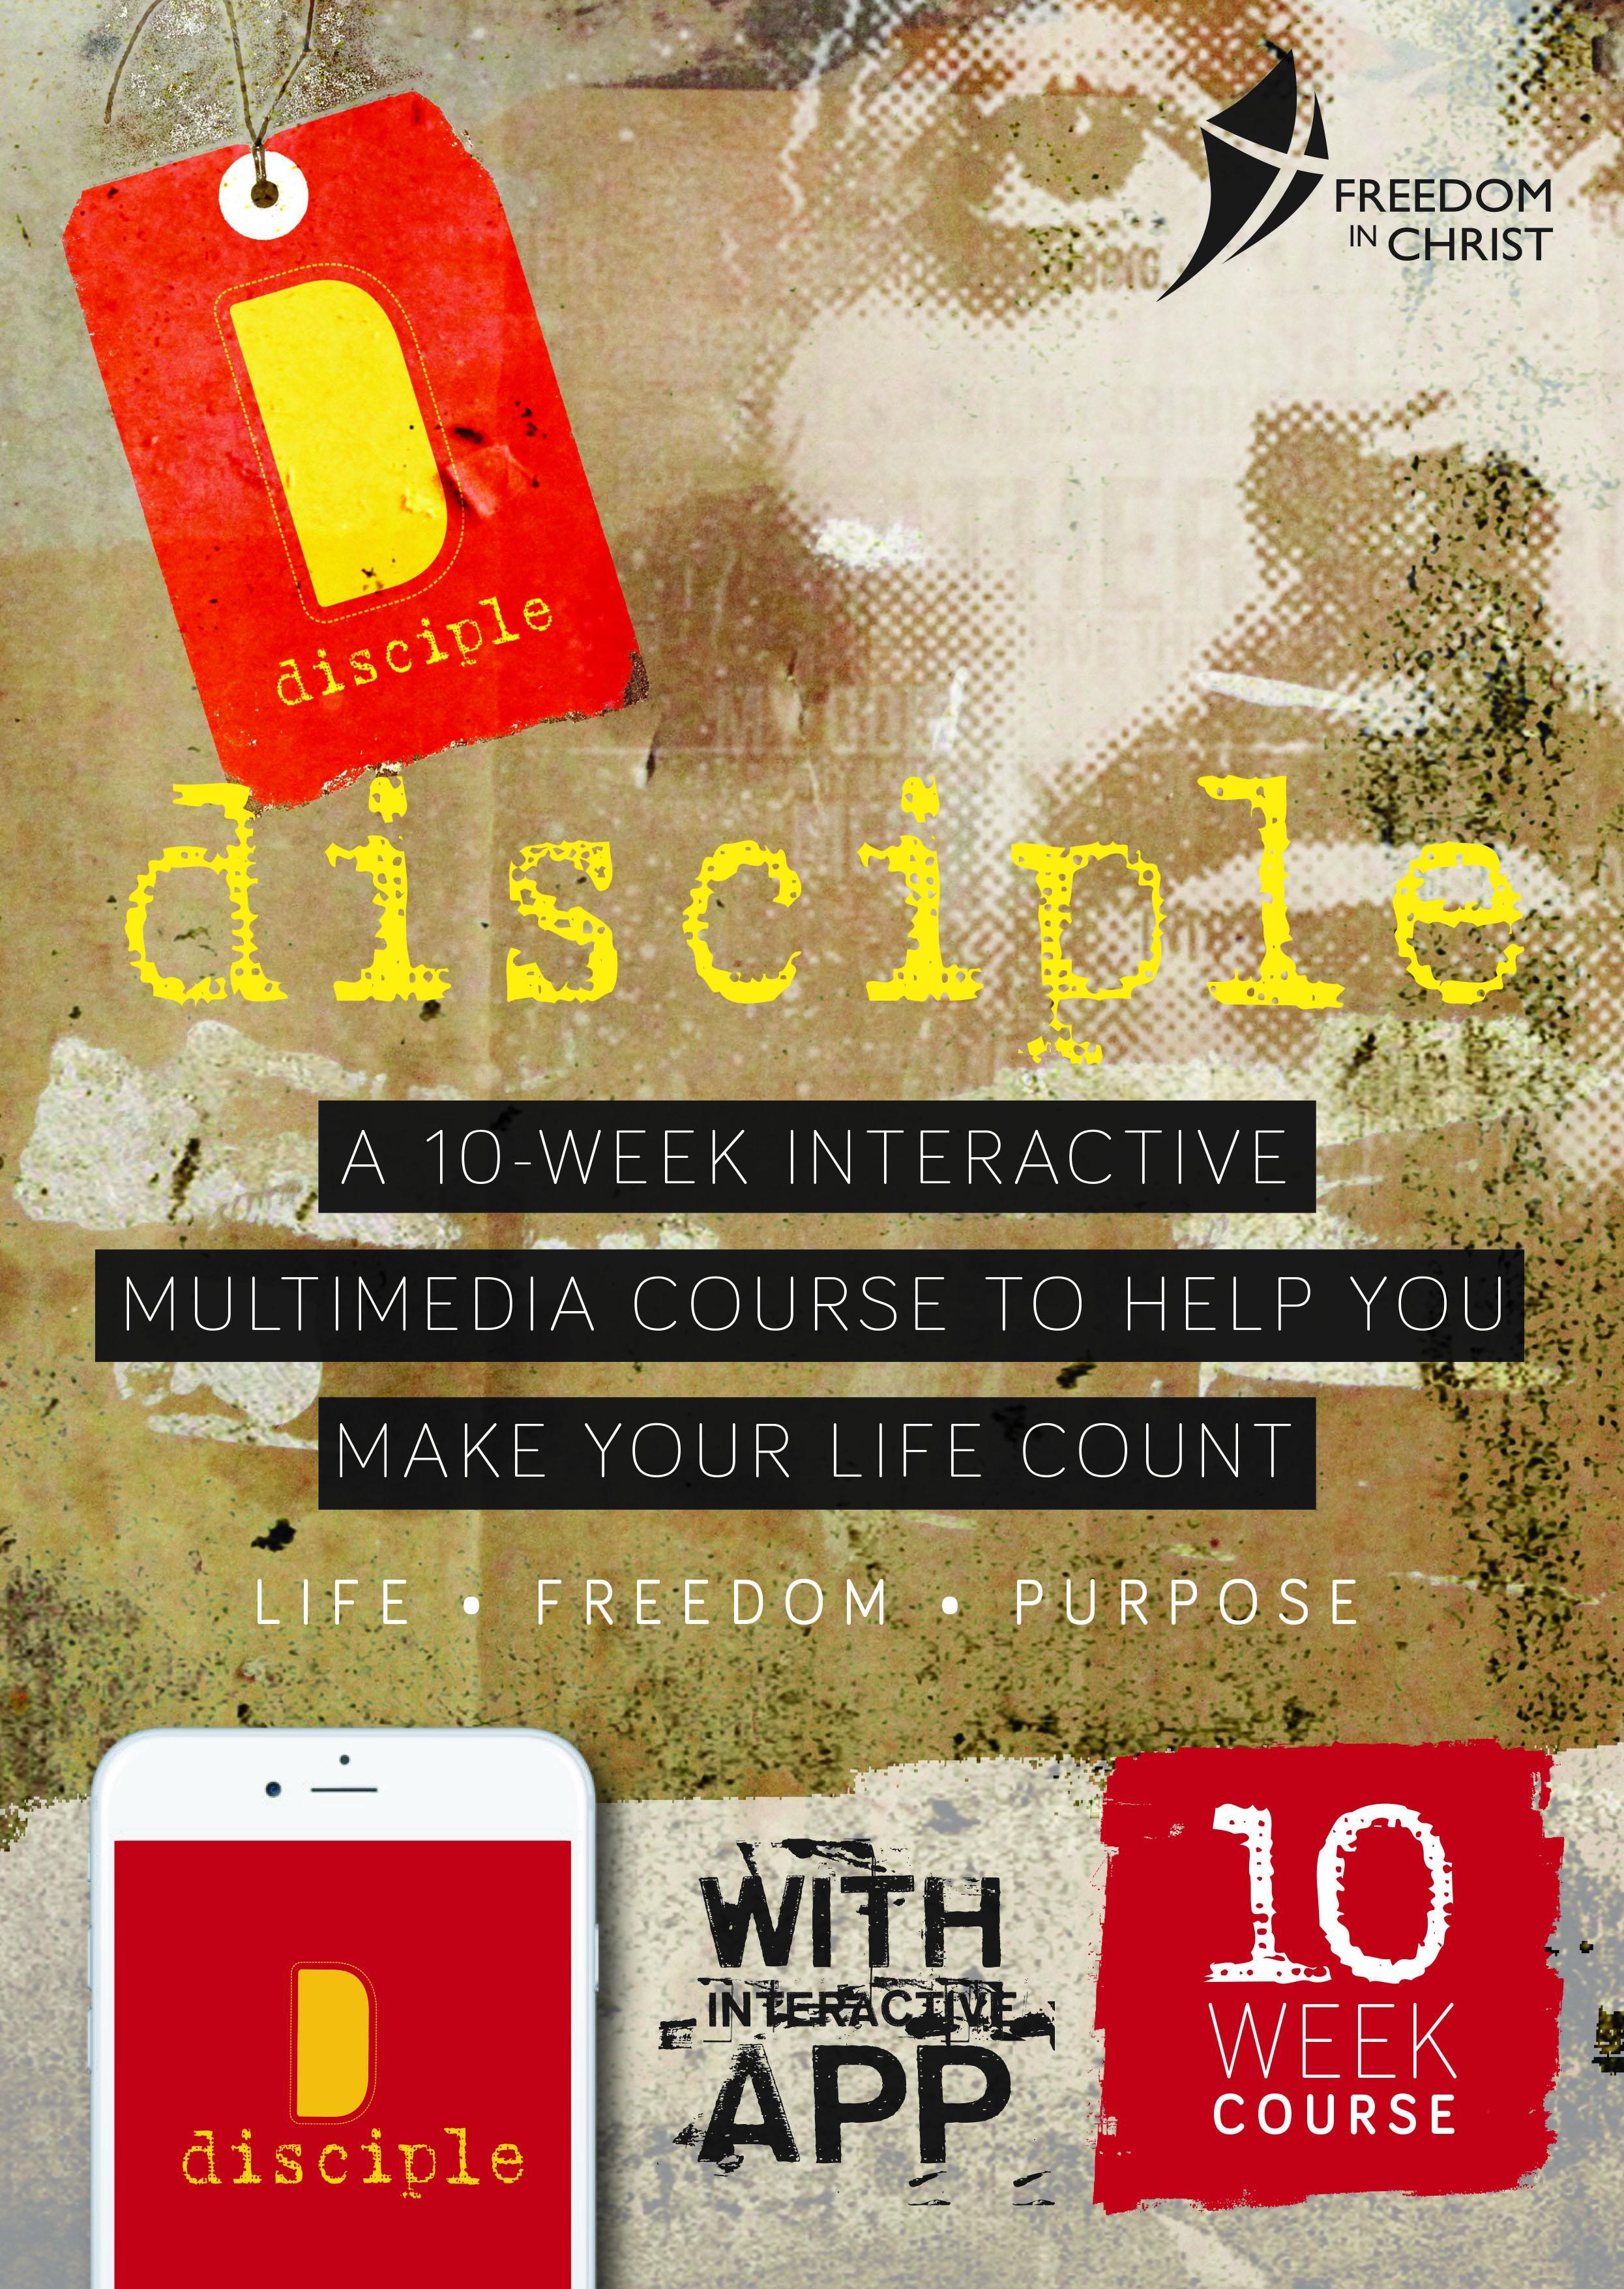 disciple_poster.jpg